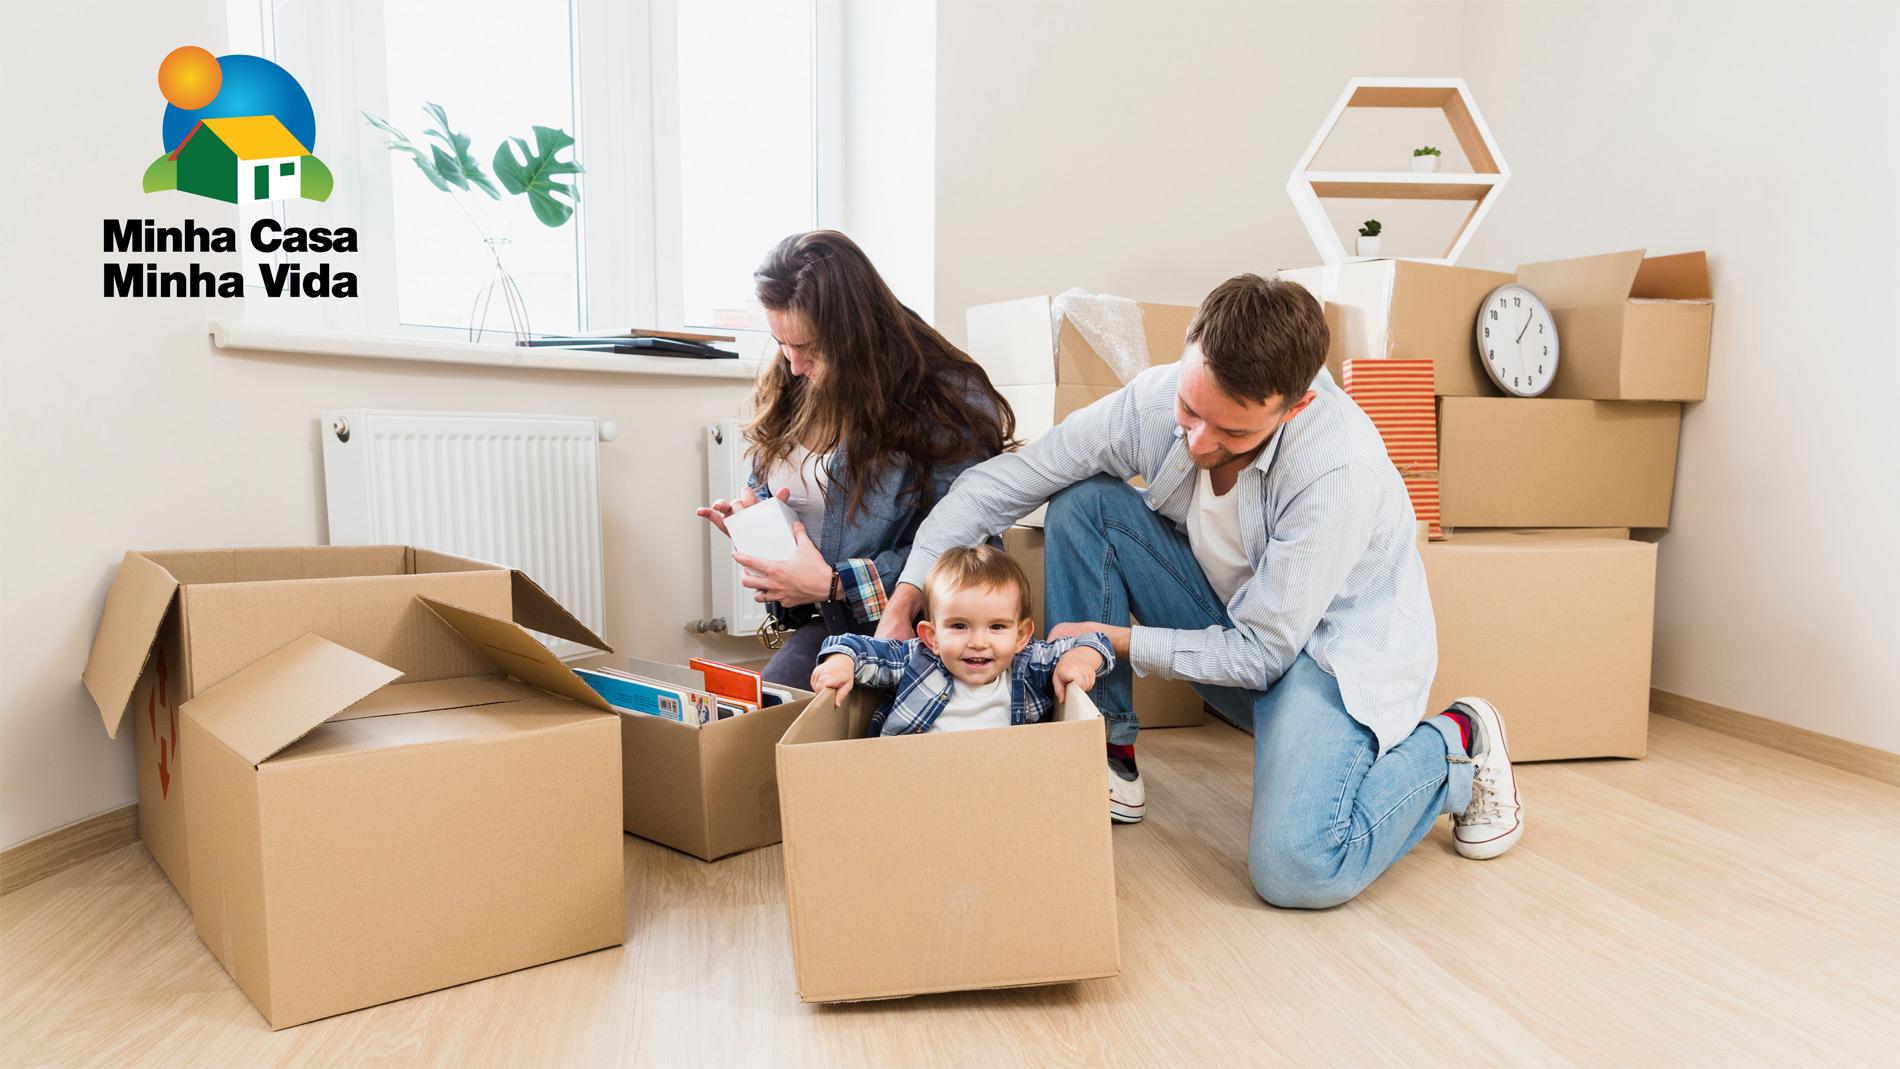 O que é necessário para financiar um imóvel pelo Minha Casa Minha Vida